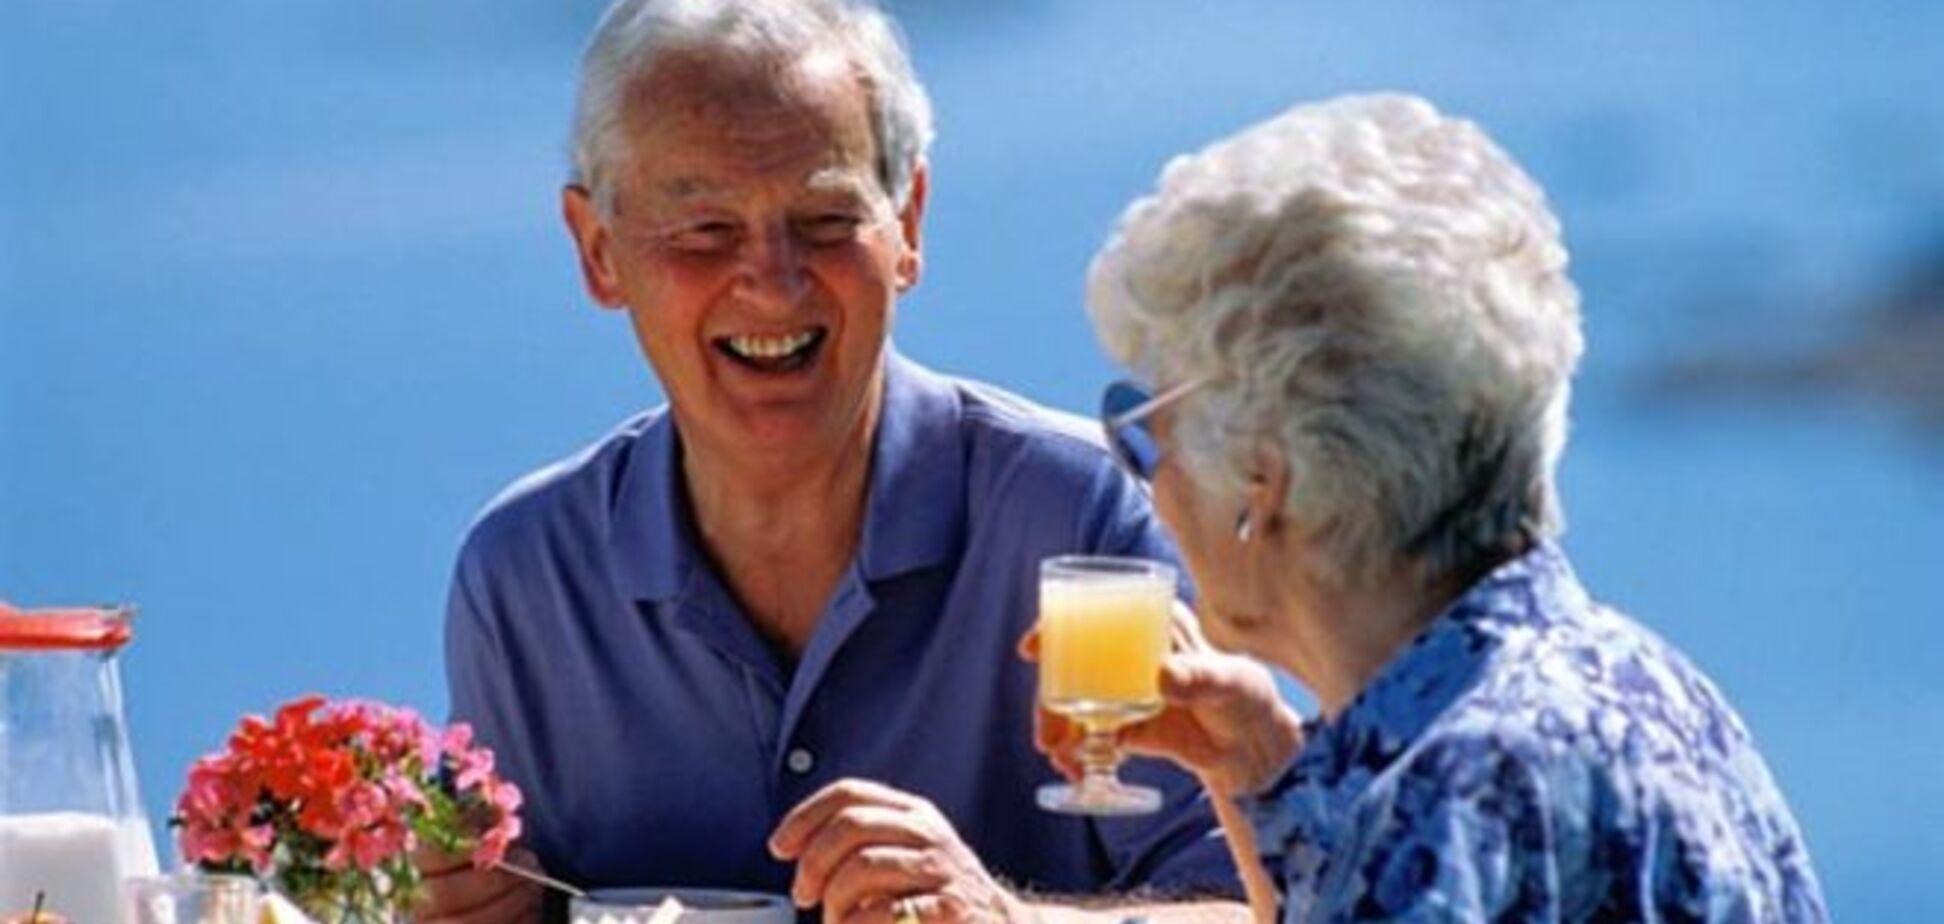 10 привычек, которые могут продлить жизнь на 20 лет